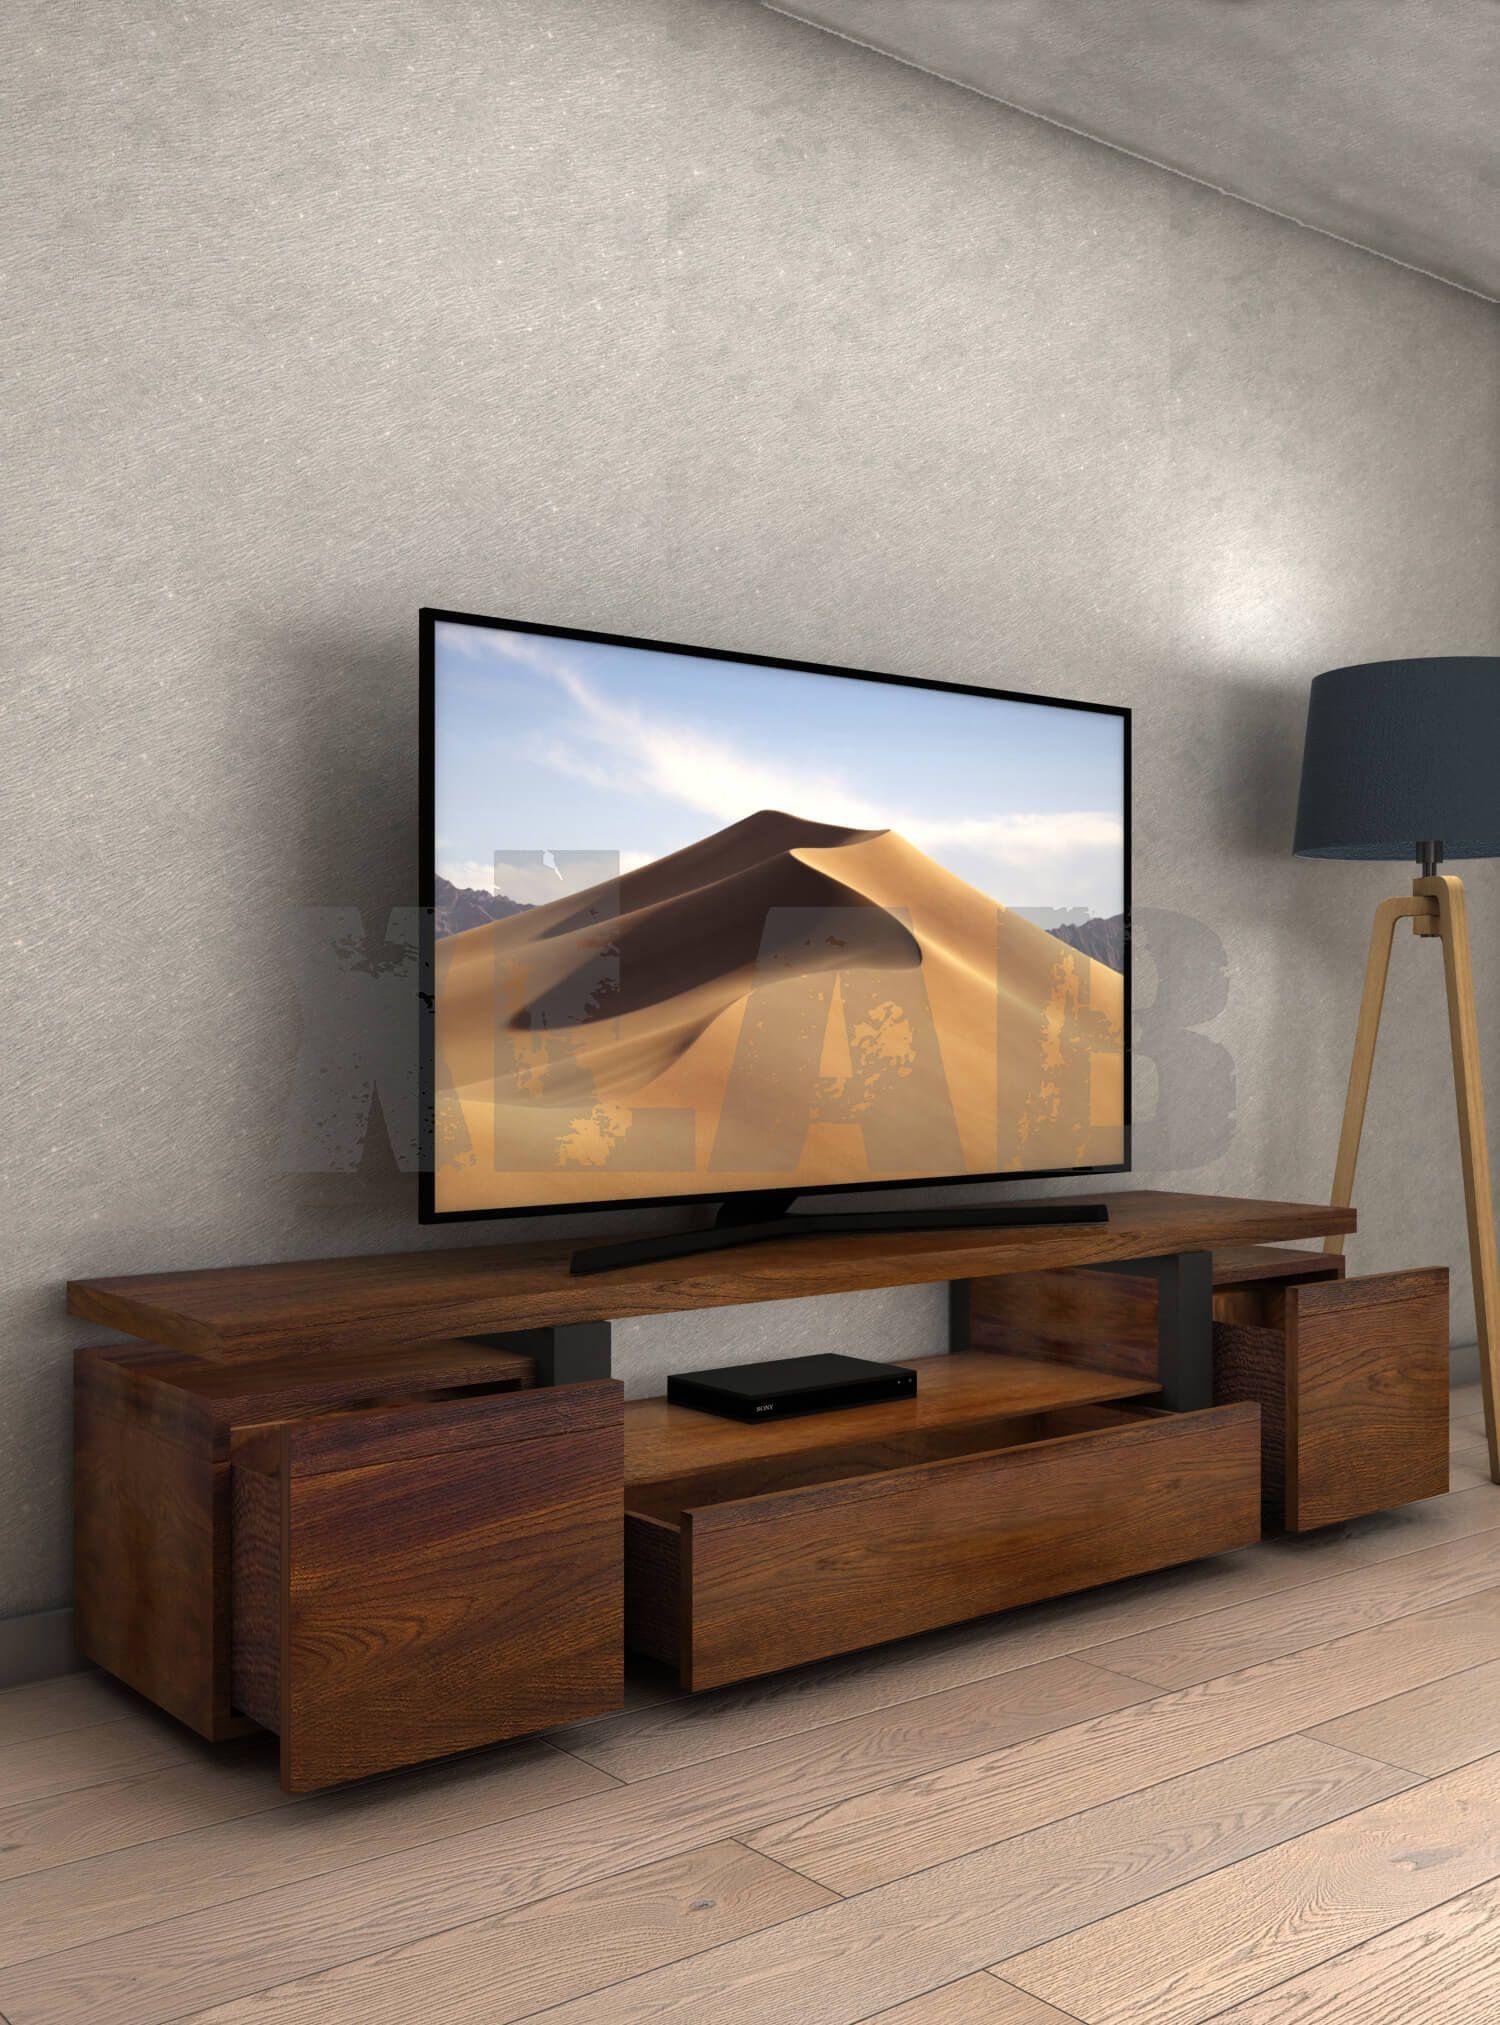 Mobili Porta Tv Stile Industriale.Mobile Porta Tv Stile Industriale In Legno Listellare Di Noce